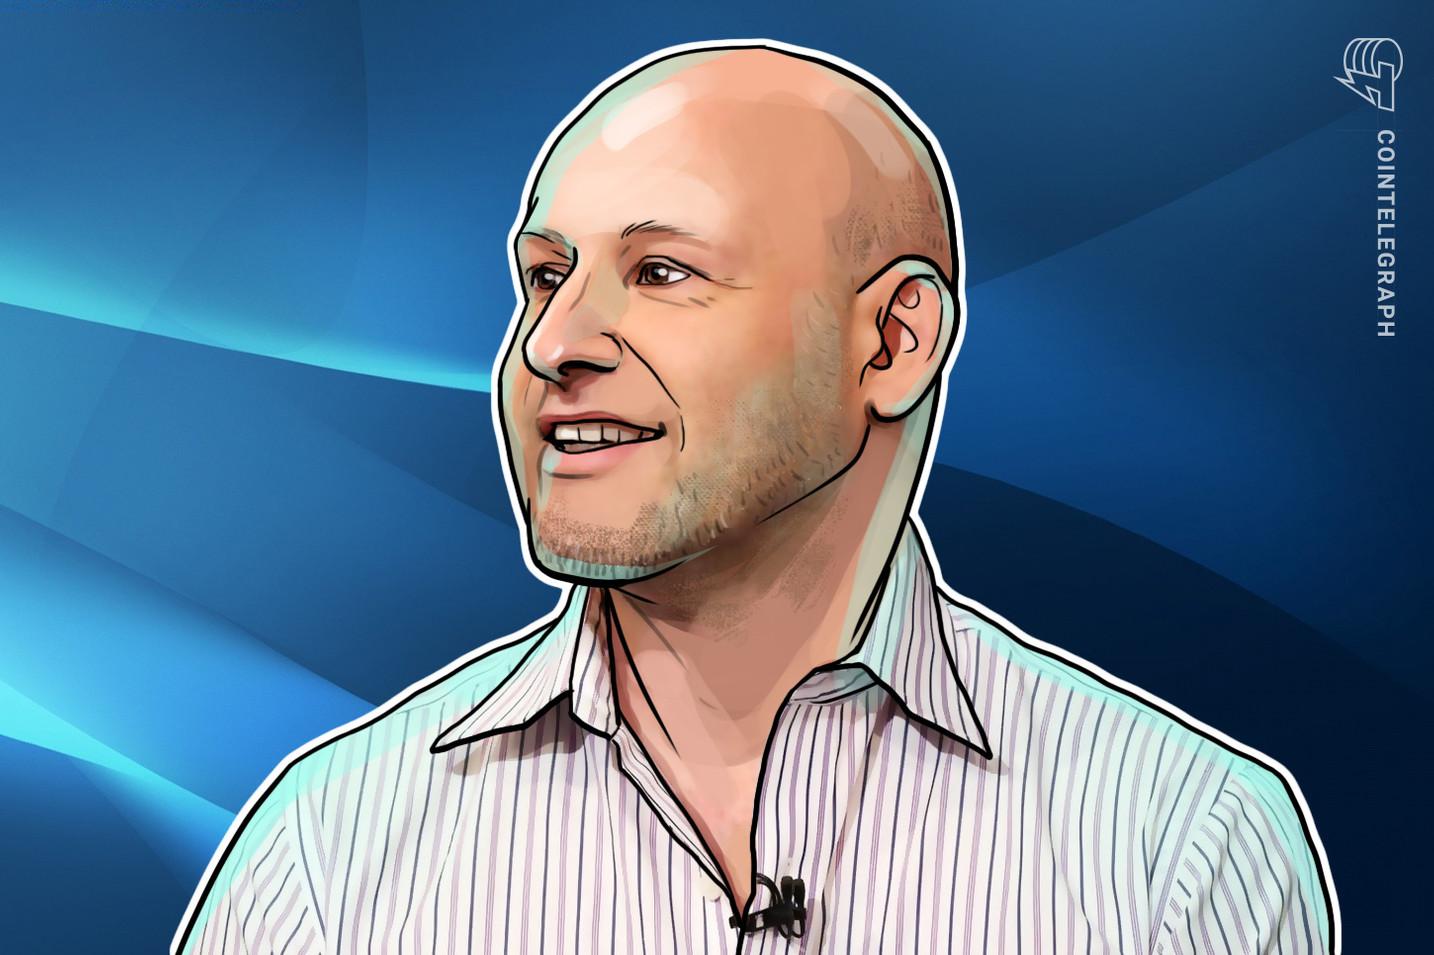 Los NFT son el siguiente paso de Ethereum para las empresas, según el fundador de ConsenSys, Joe Lubin